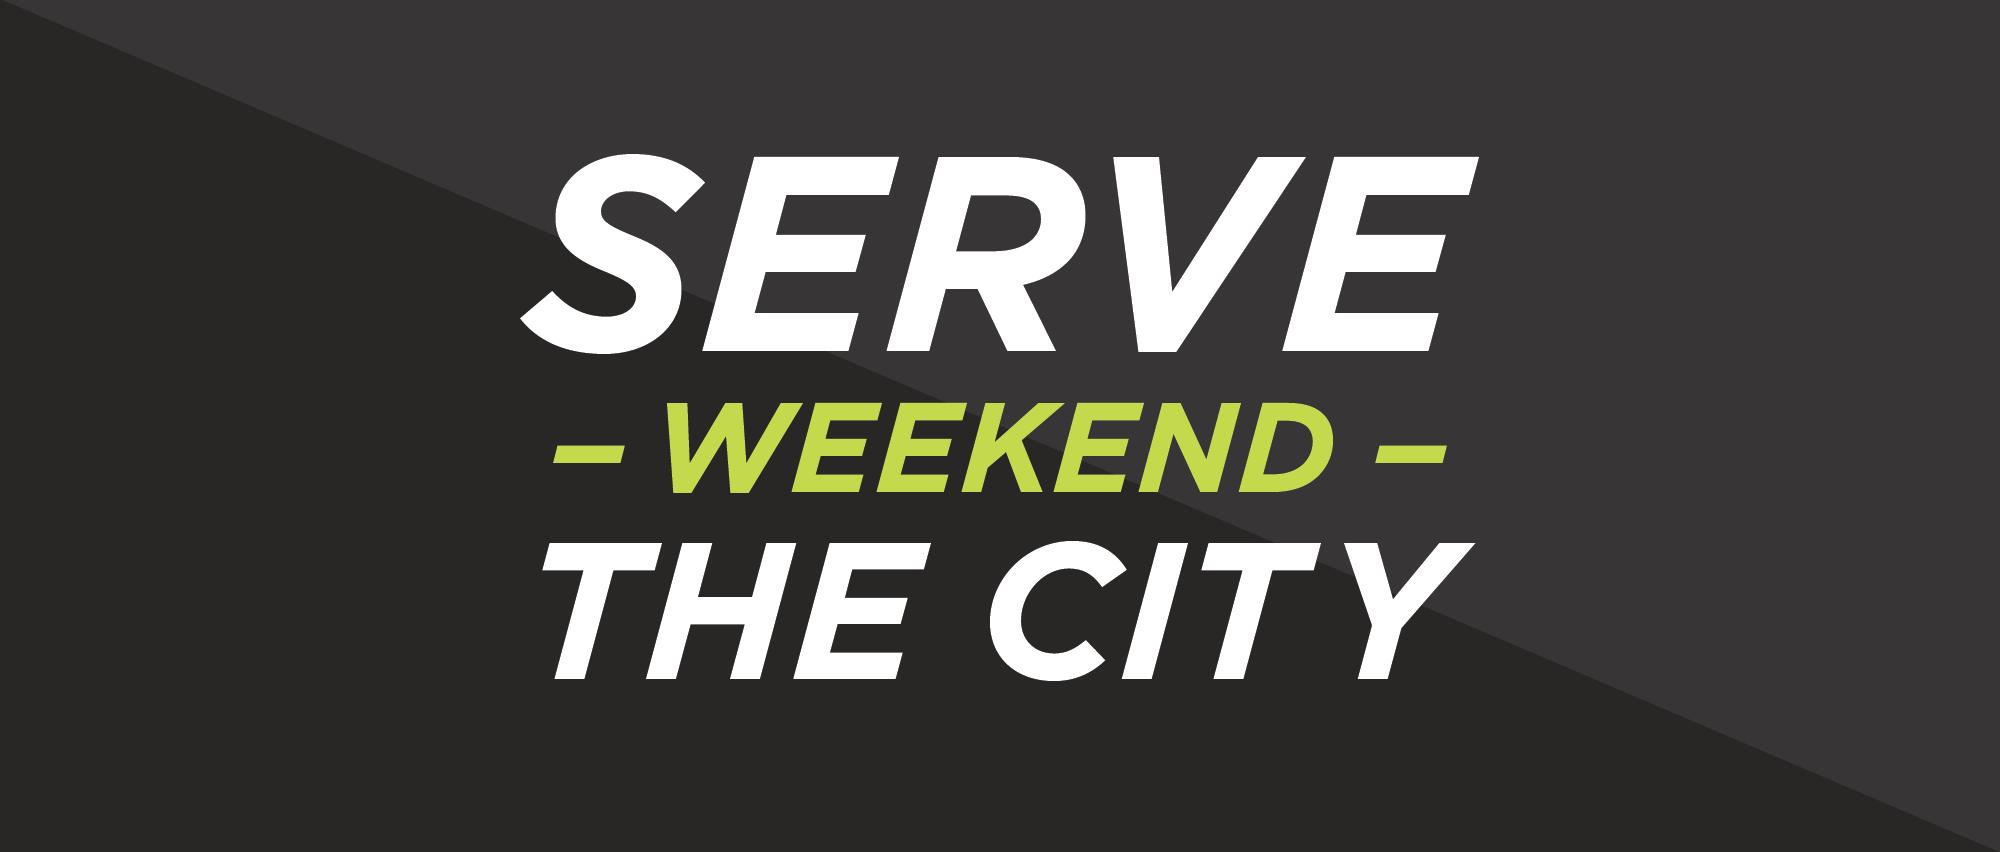 STC Weekend WEB-01.png